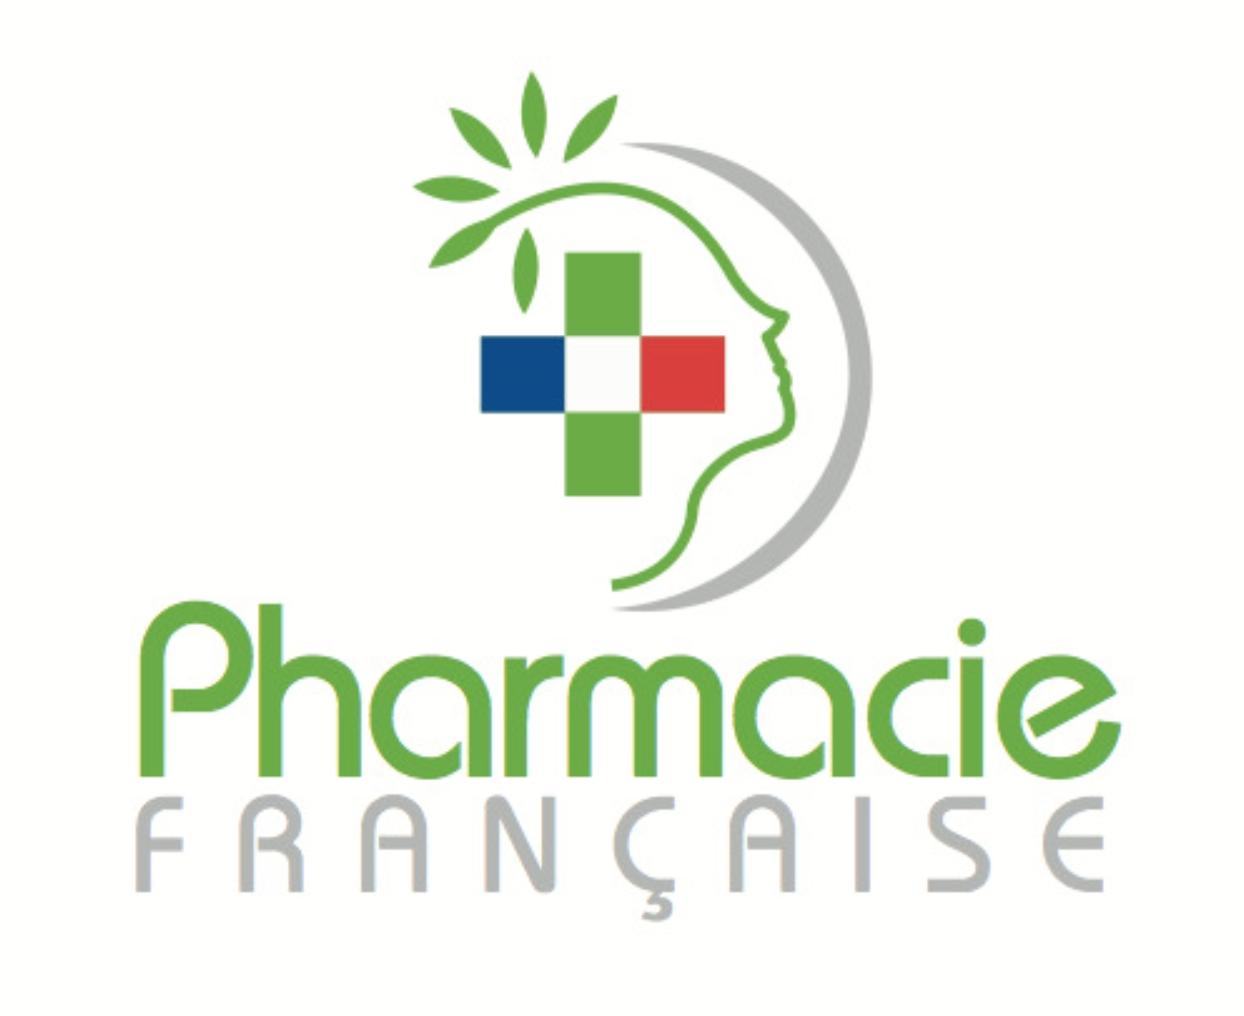 Pharmacie Francaise